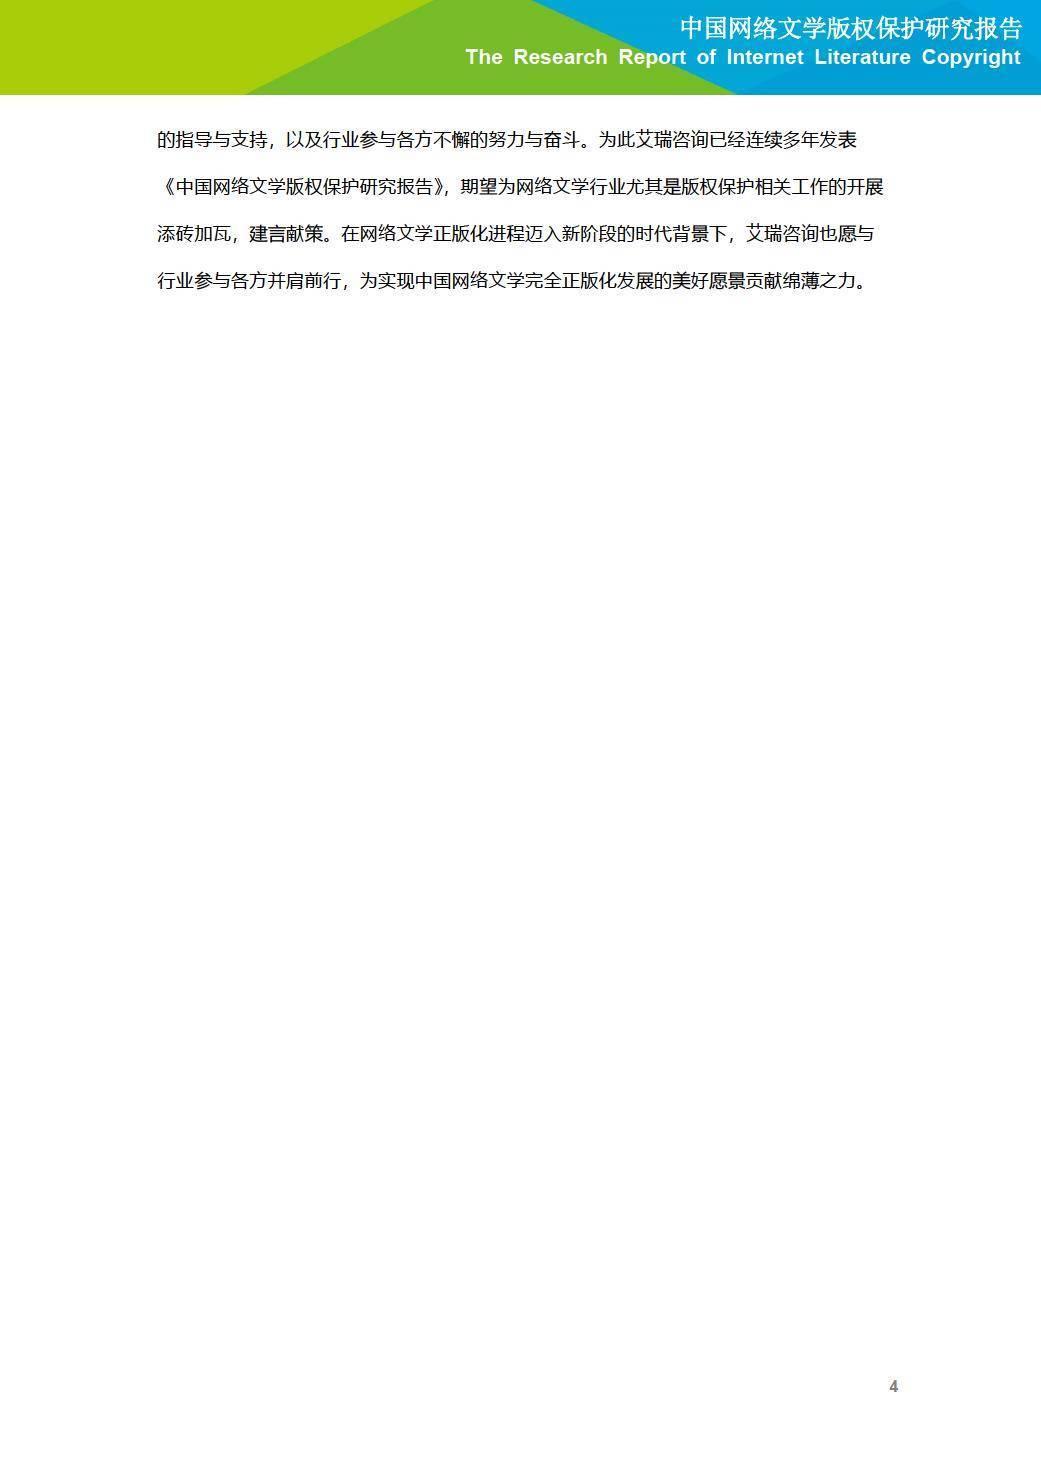 艾瑞咨询:2020年中国网络文学版权保护研究报告